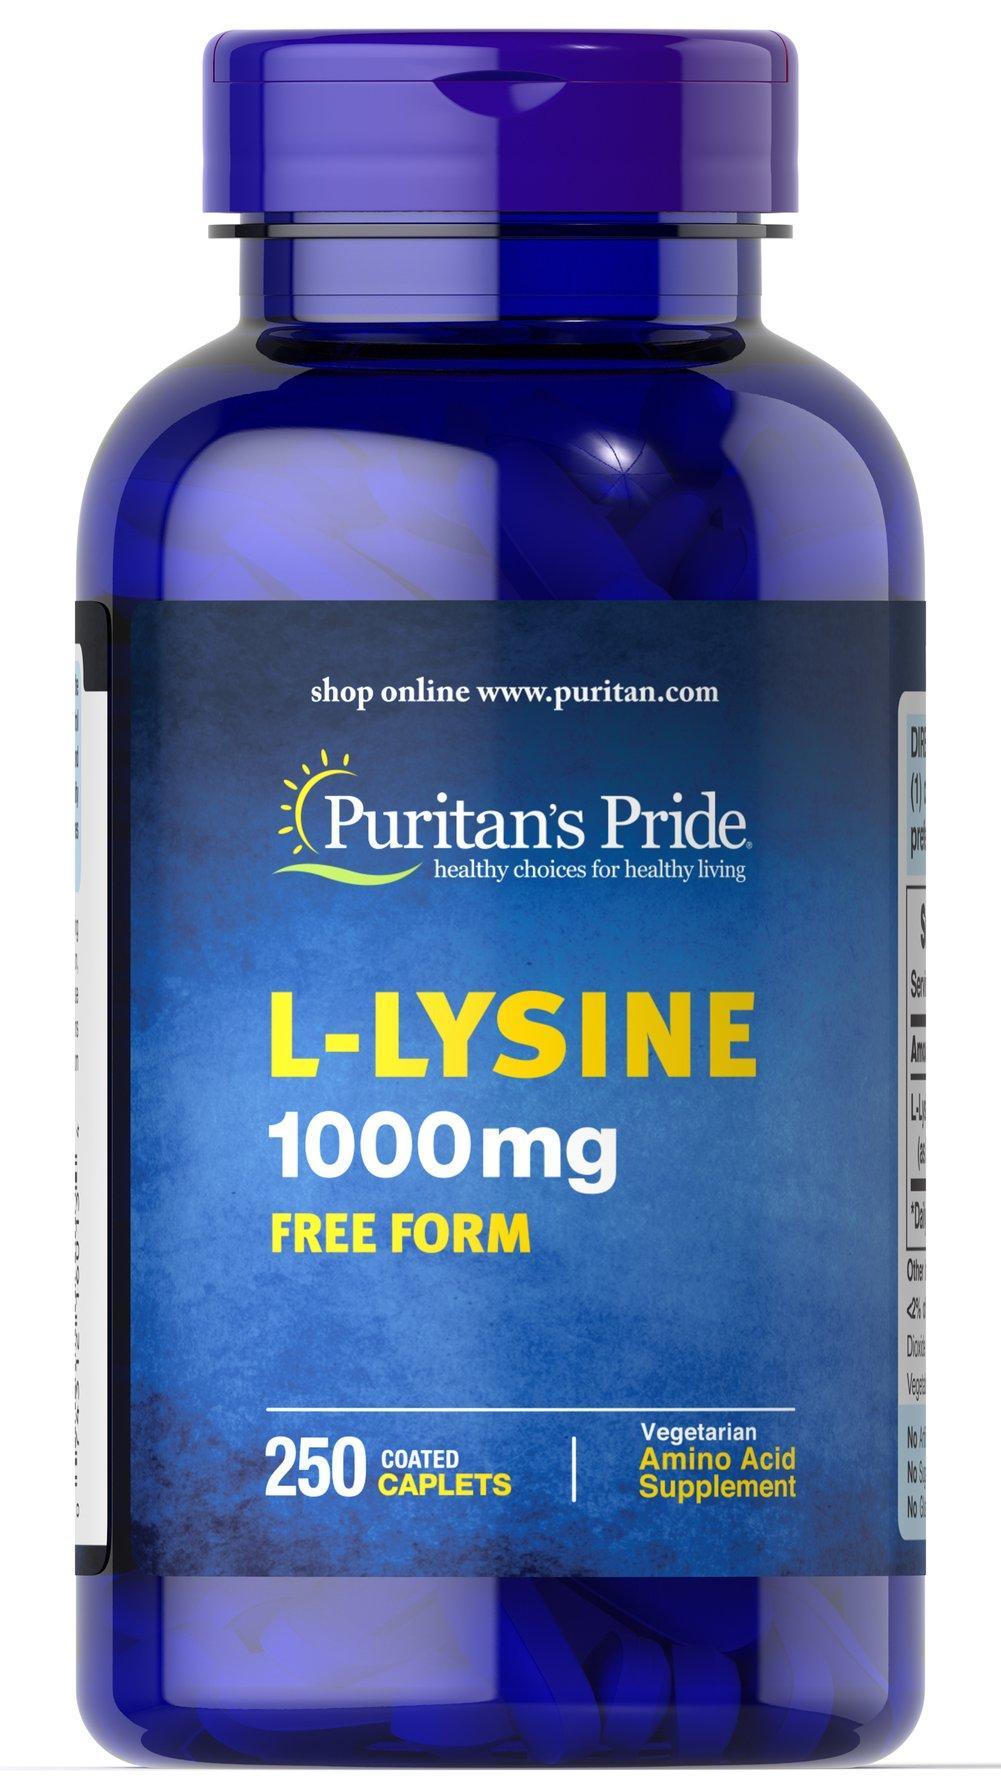 Viên uống kích thích ăn ngon miệng, tăng cường cơ bắp Puritans Pride L-Lysine 1000mg 250 viên HSD: 12/2020